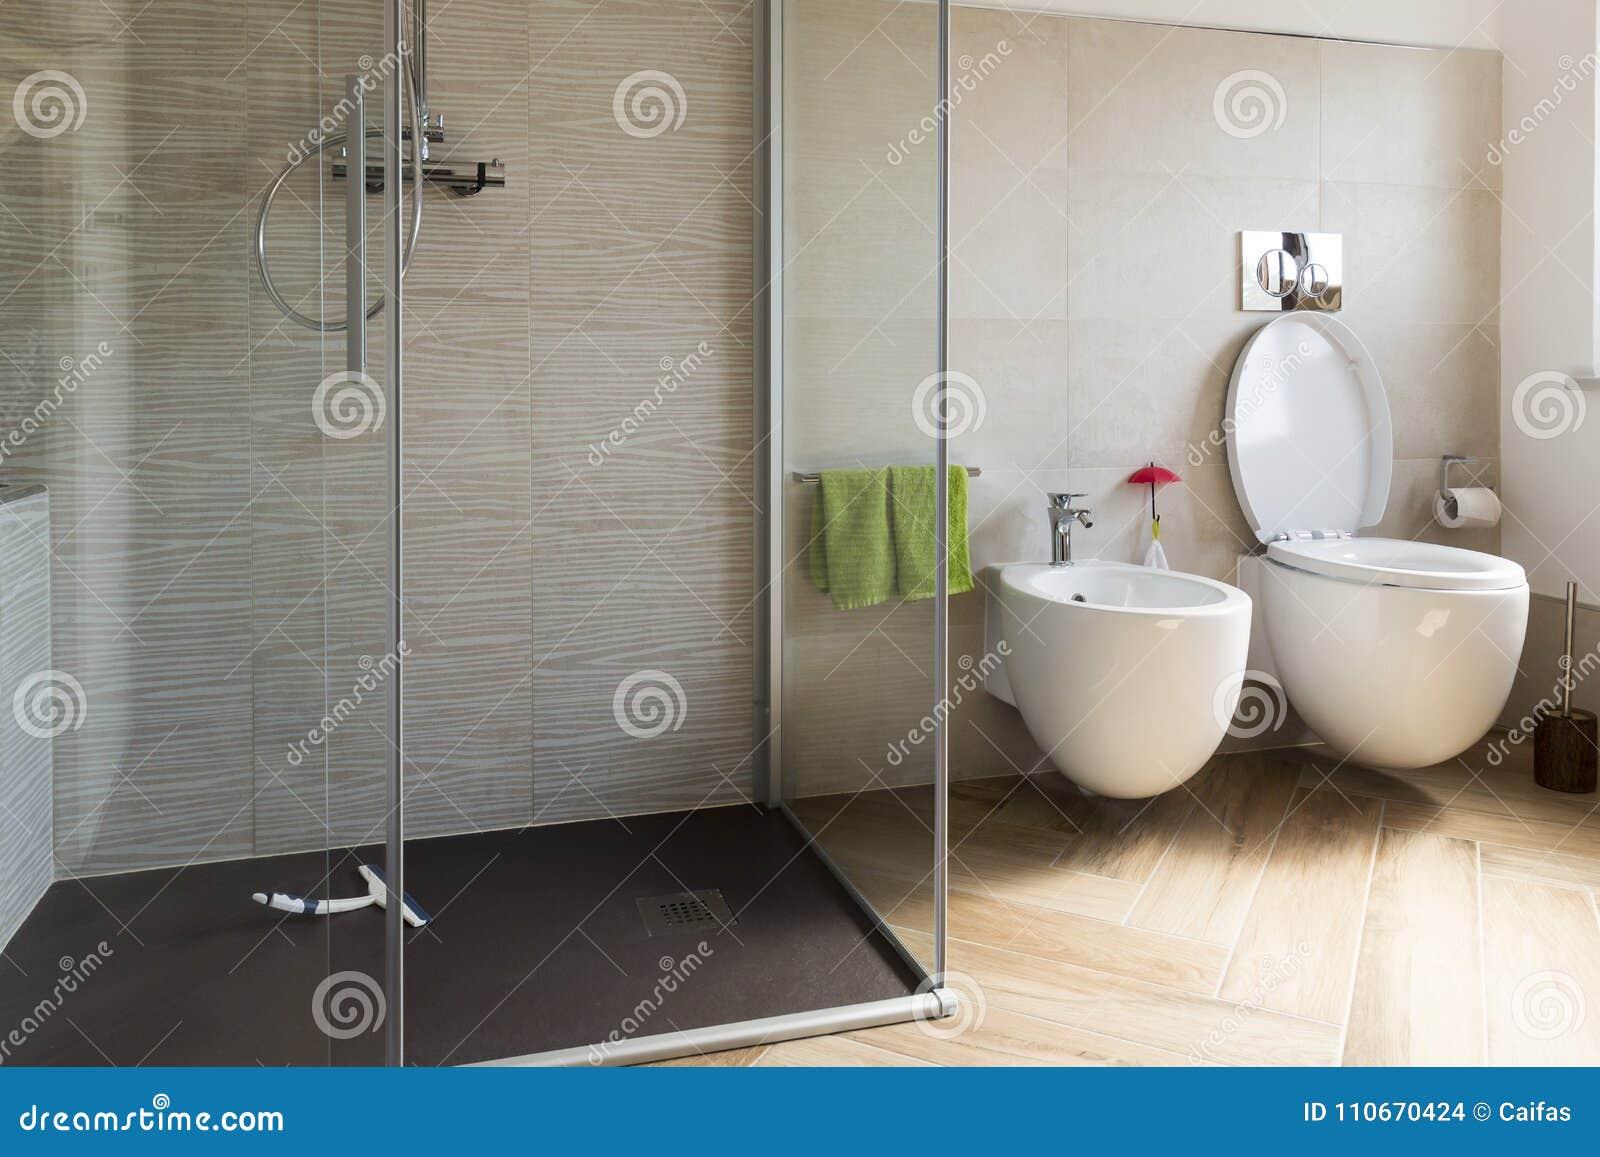 Zamyka Up Bidet I Wc W łazience Zdjęcie Stock Obraz